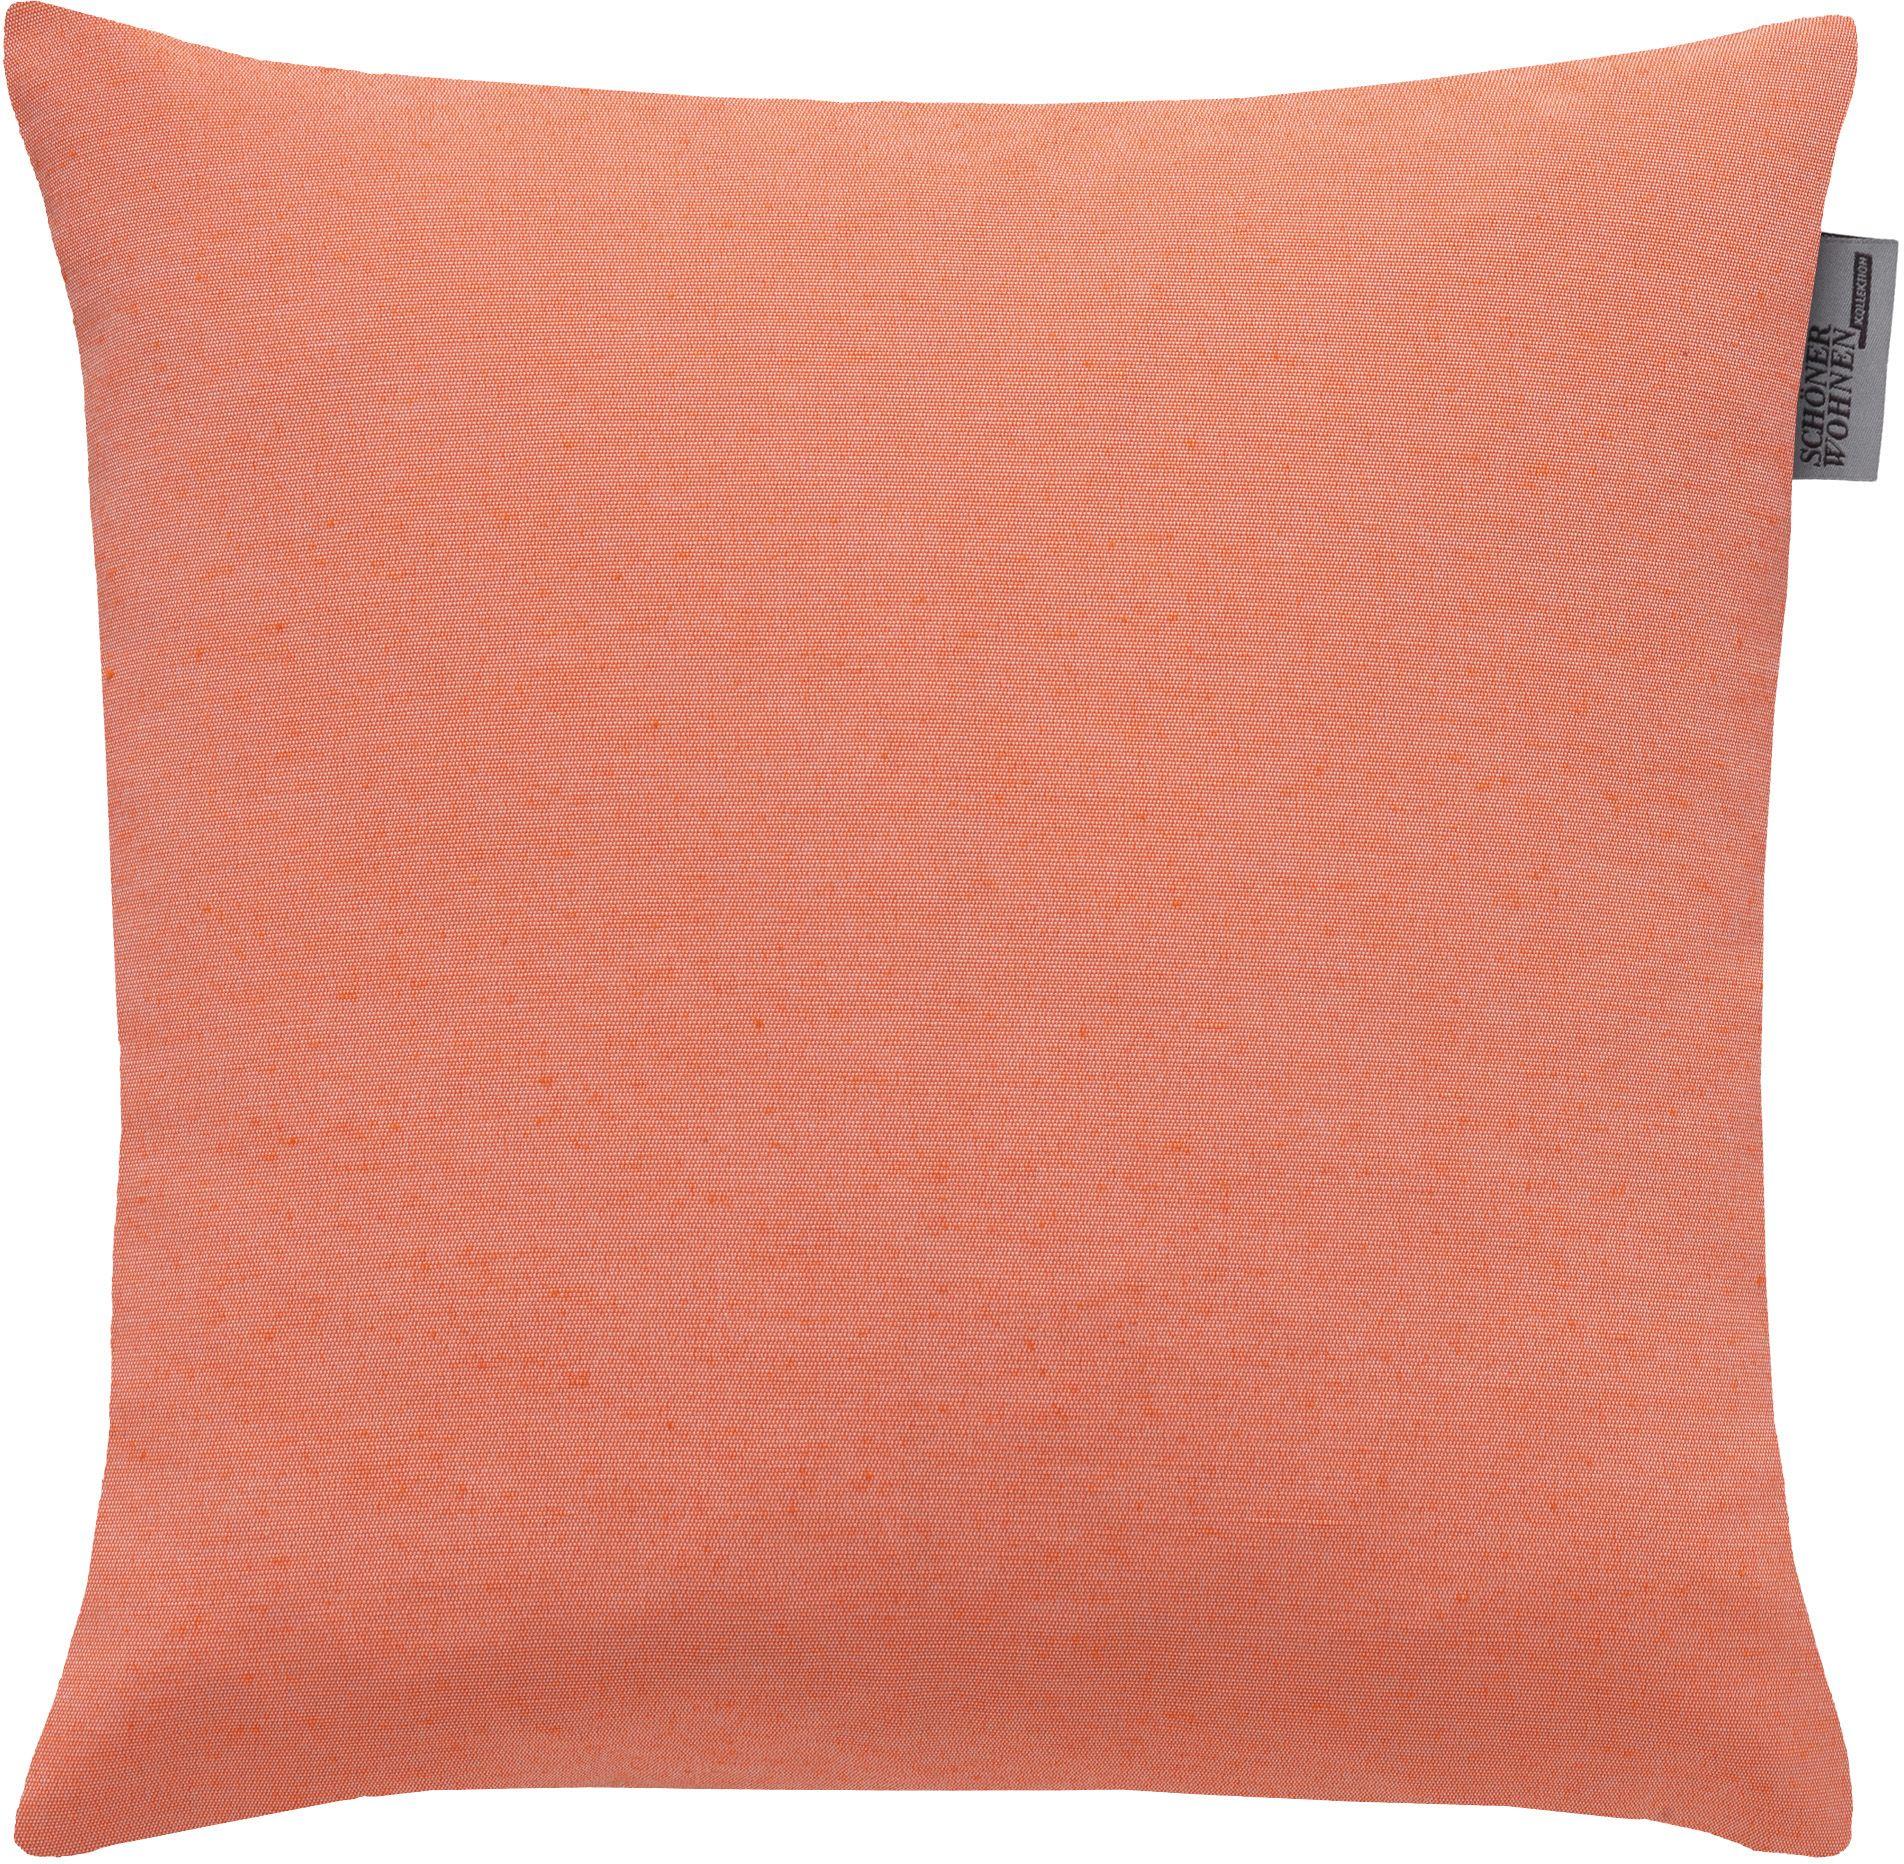 sch ner wohnen im schwab online shop marken wohnen. Black Bedroom Furniture Sets. Home Design Ideas